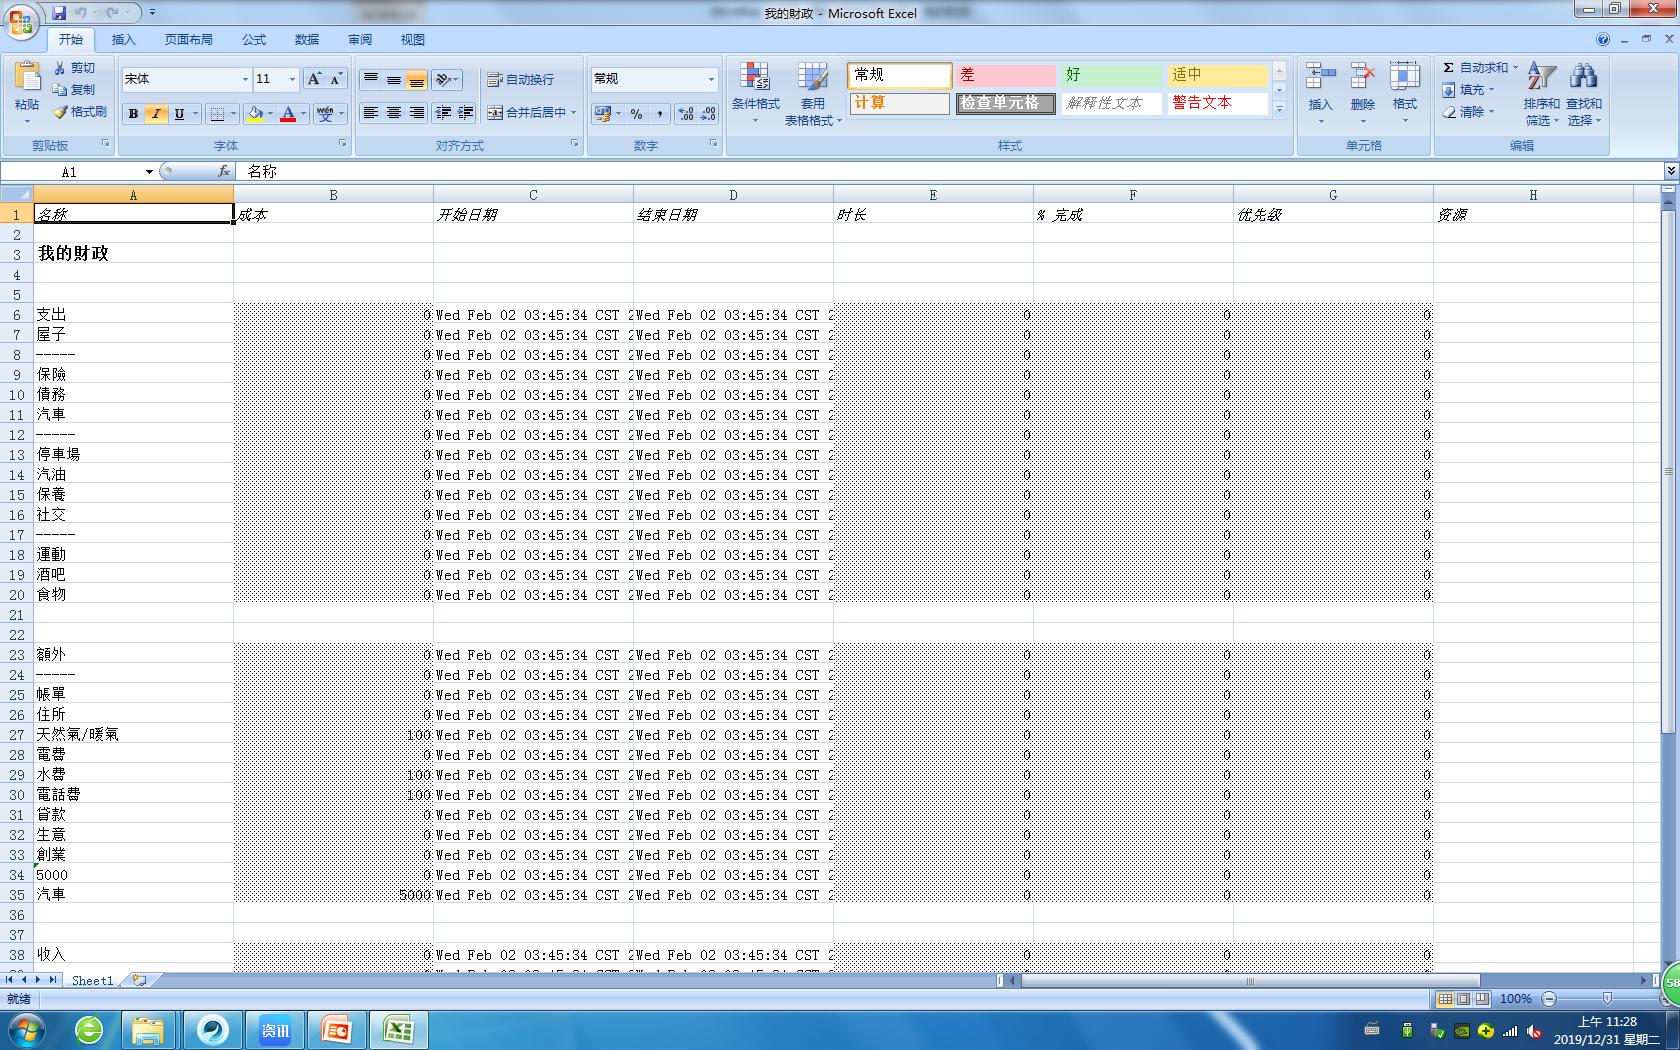 导出的Excel表格